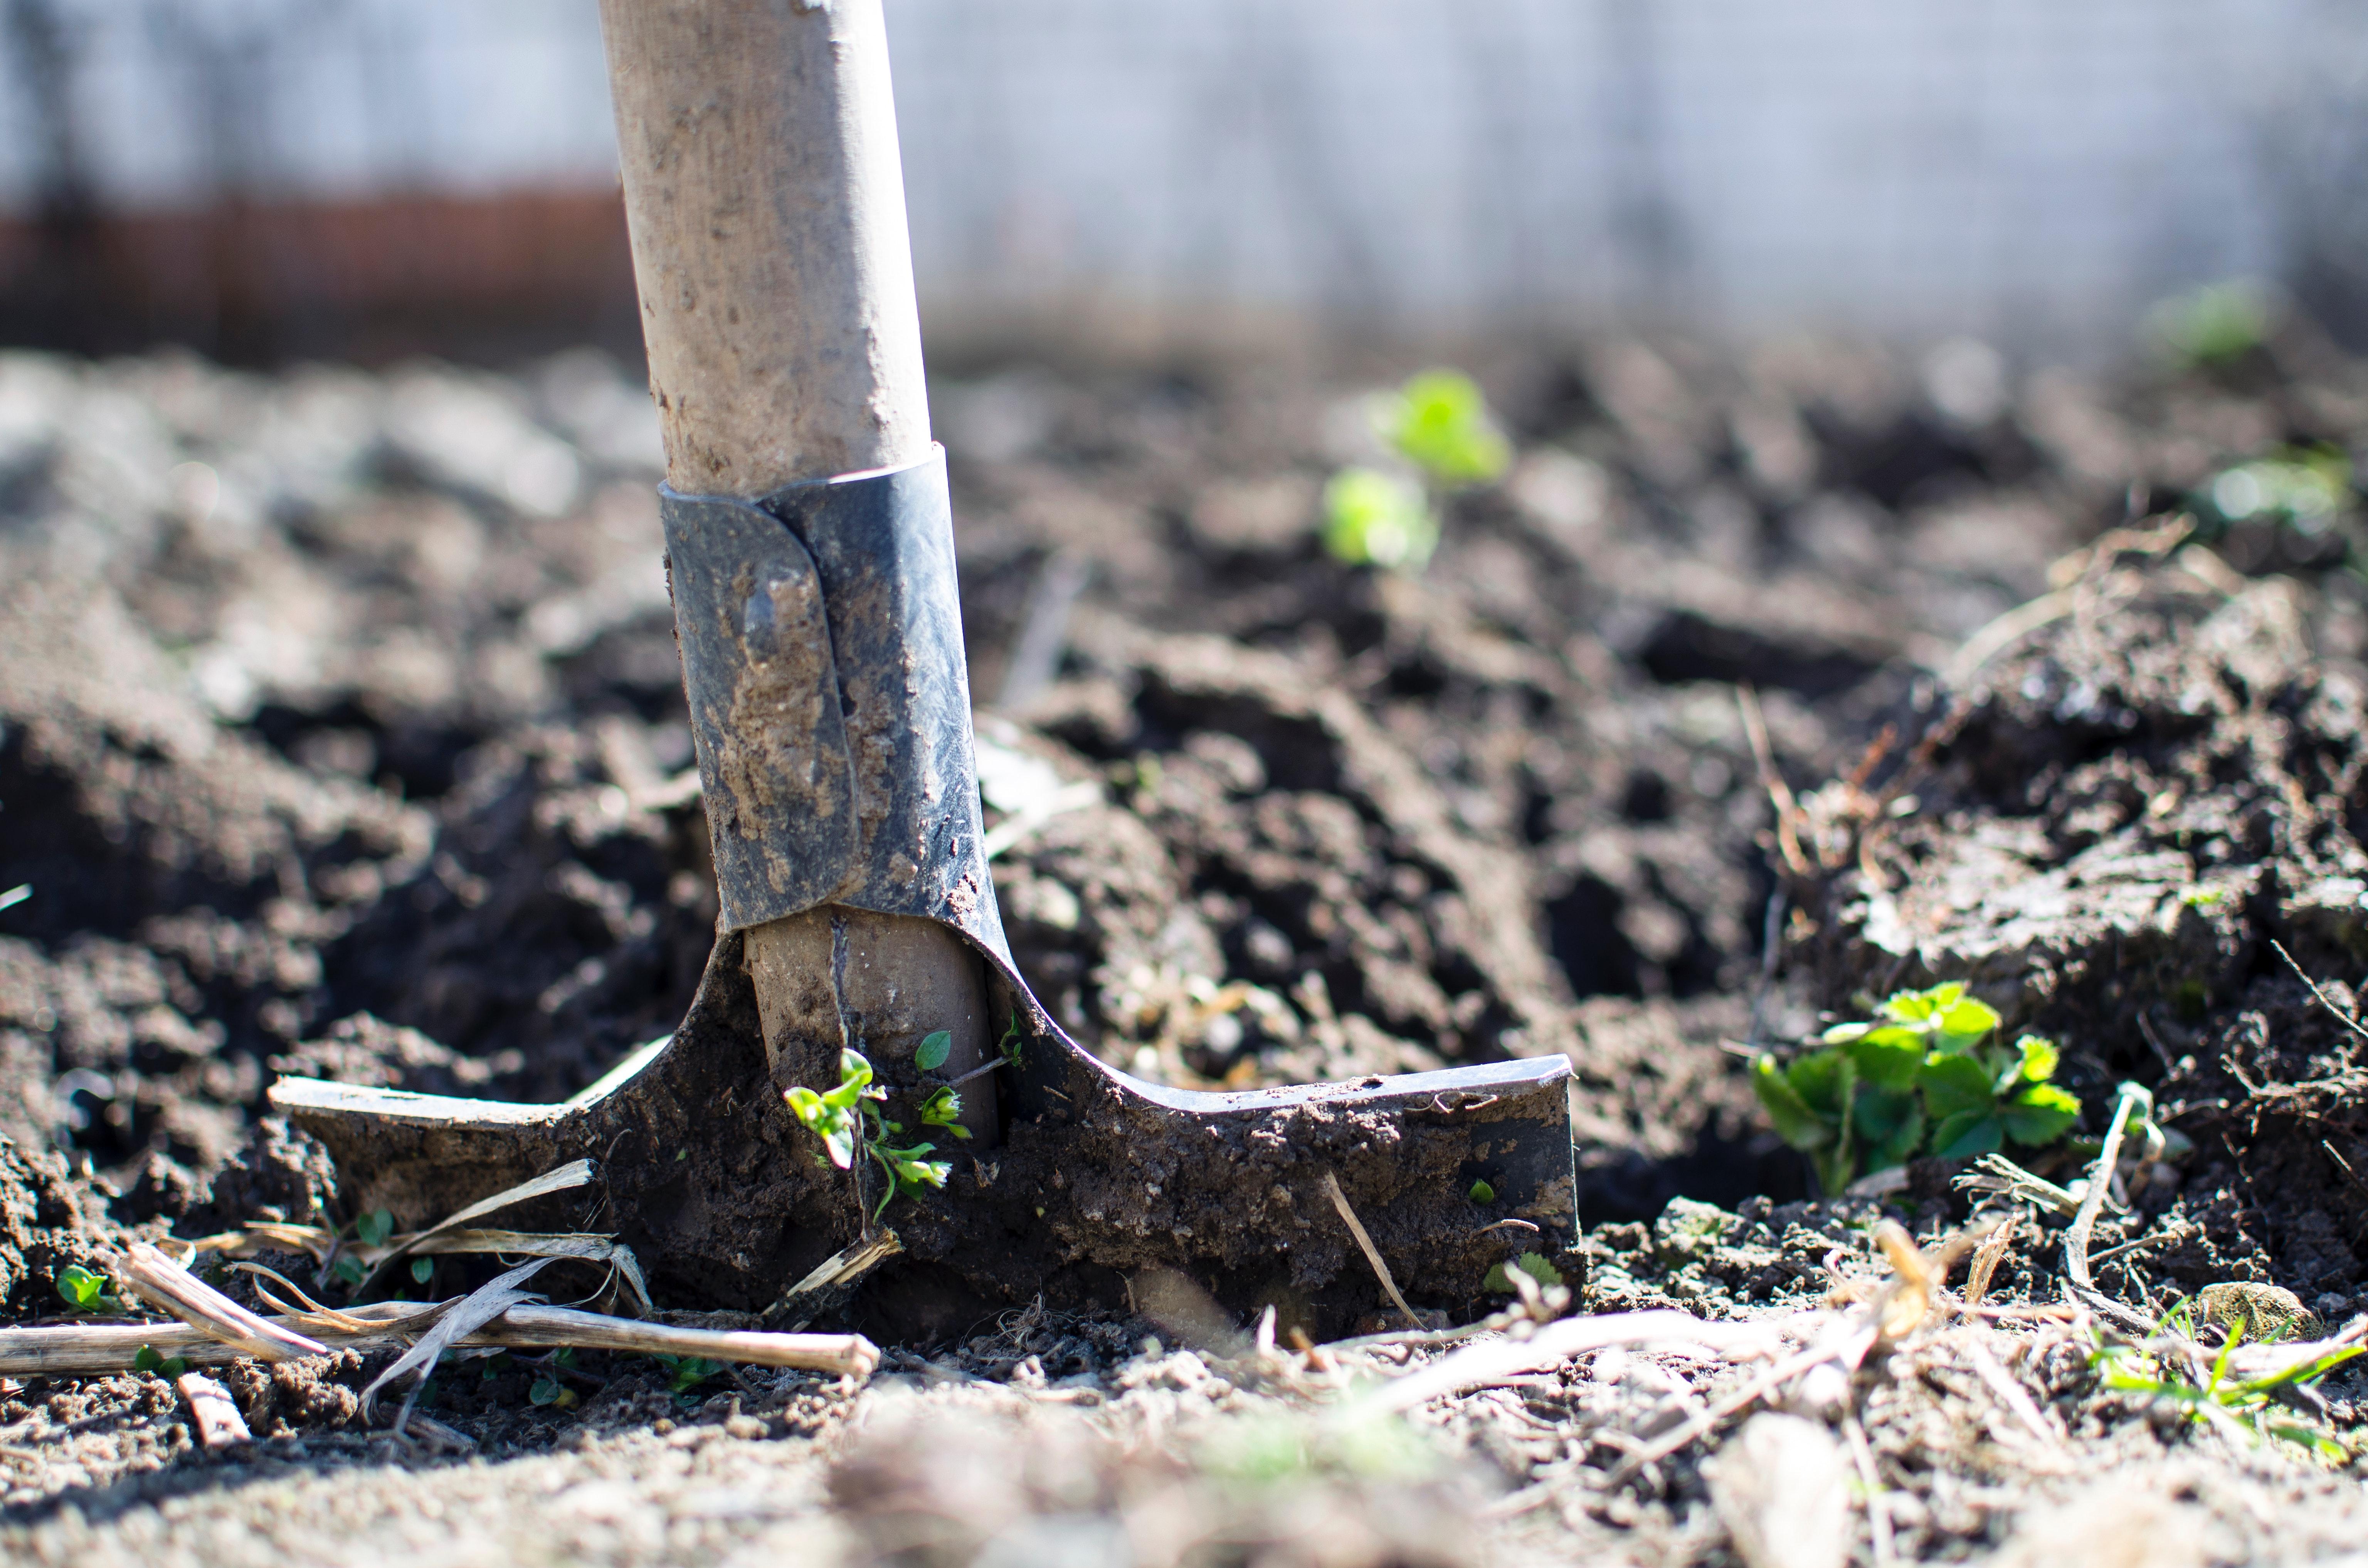 Kom godt i mål med dine hus- og haveprojekter med faldunderlag og brolæggersand fra GrusDirekte.dk